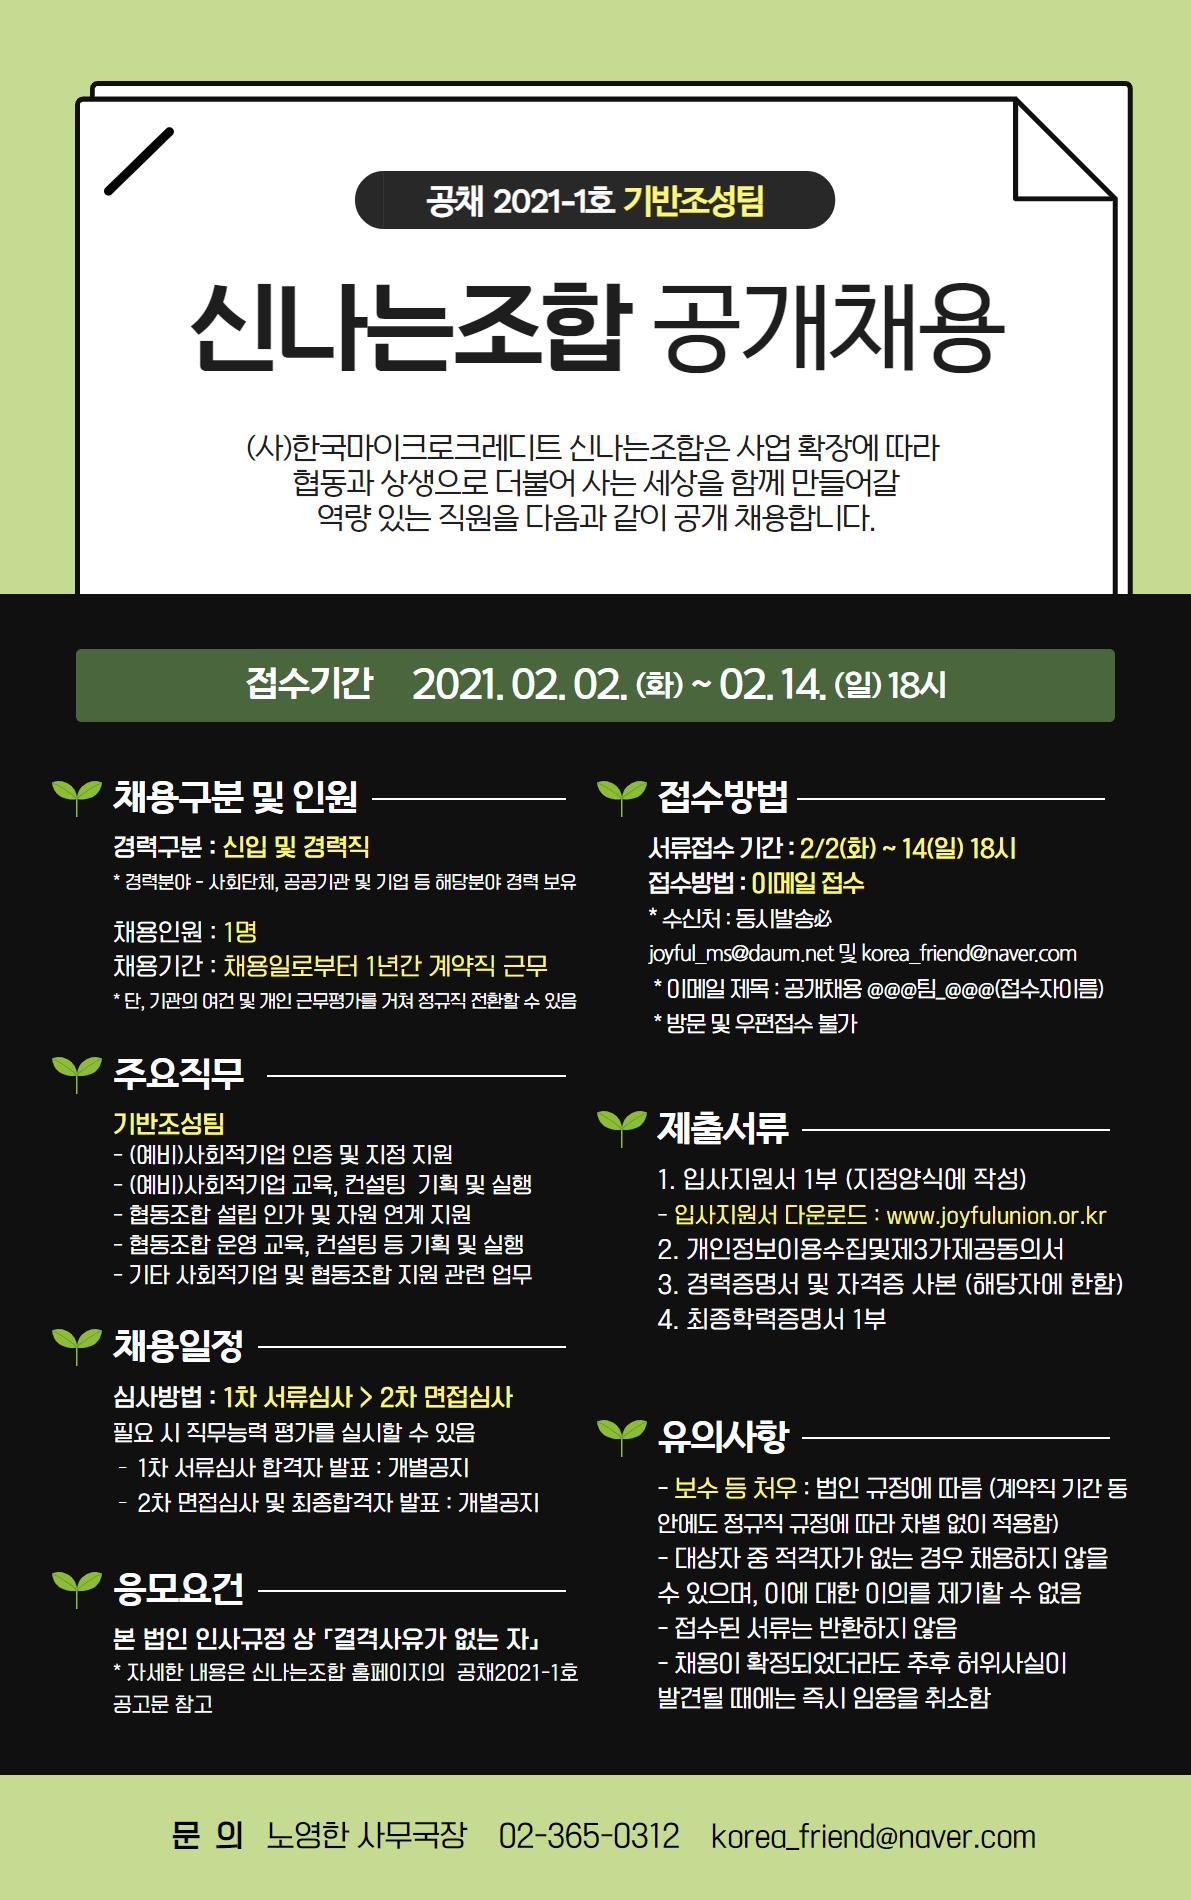 [웹자보] 신나는조합 공채 2021-1호 공개채용